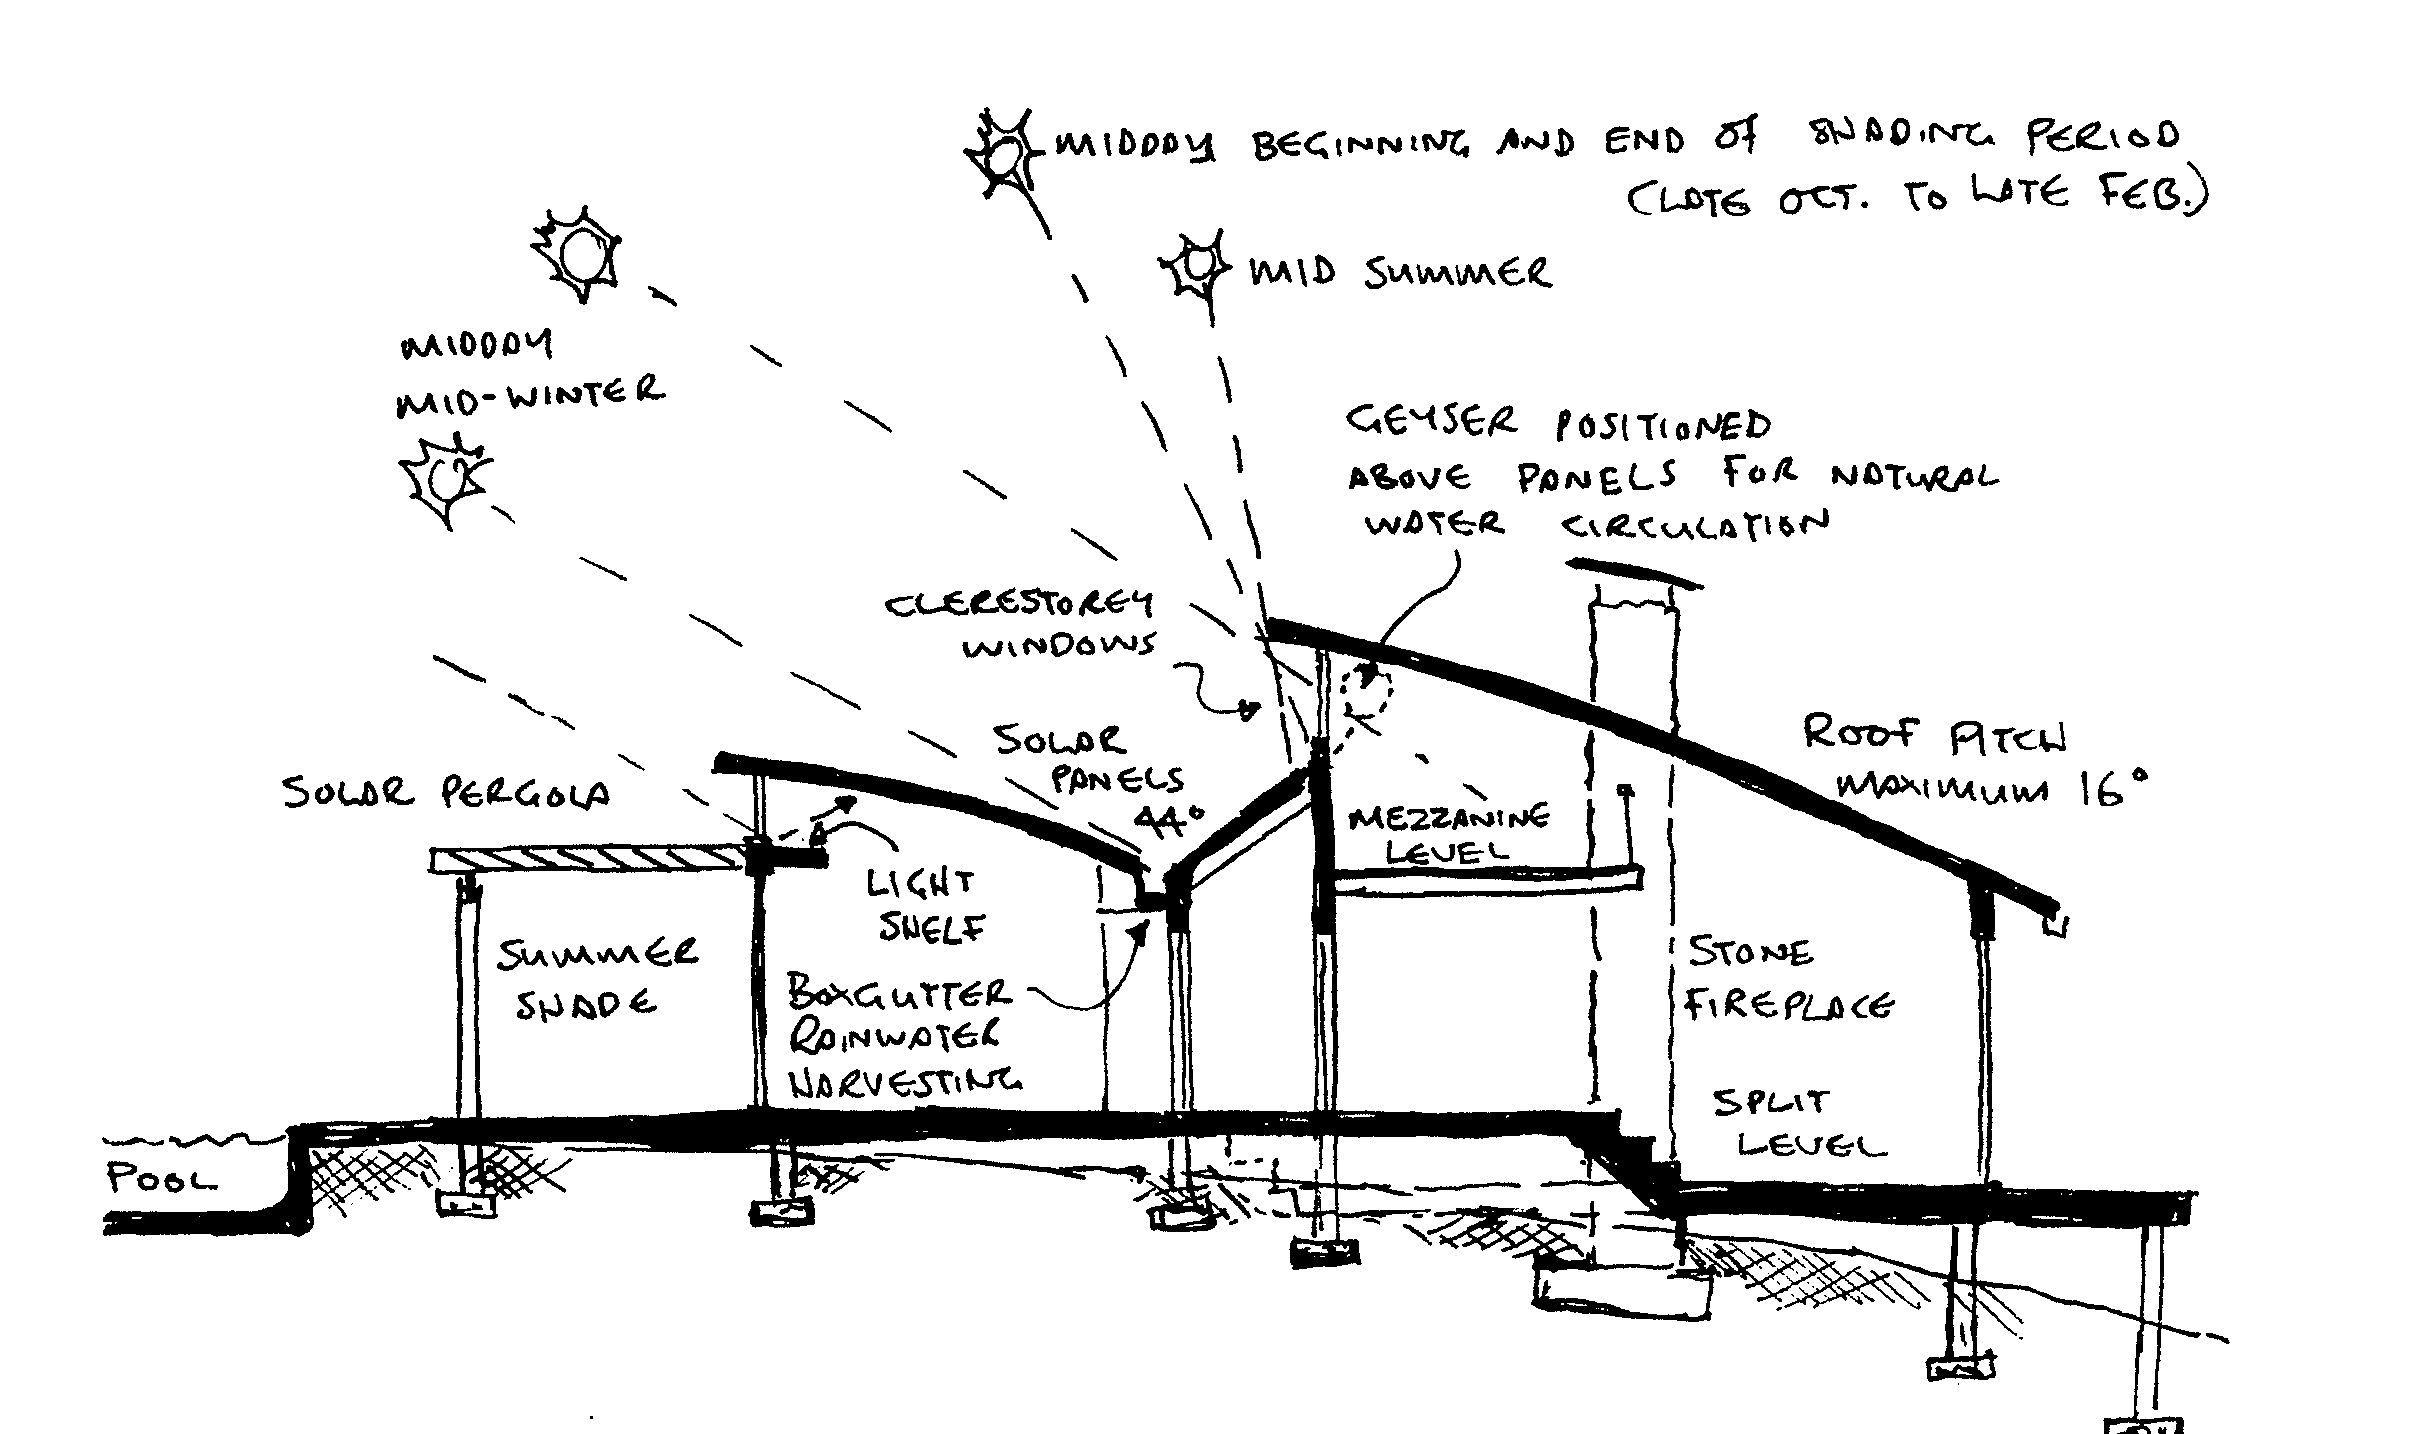 Passive solar design straw bale homes pinterest maison bioclimatique bioclimatique and maison - Maison passive design ...